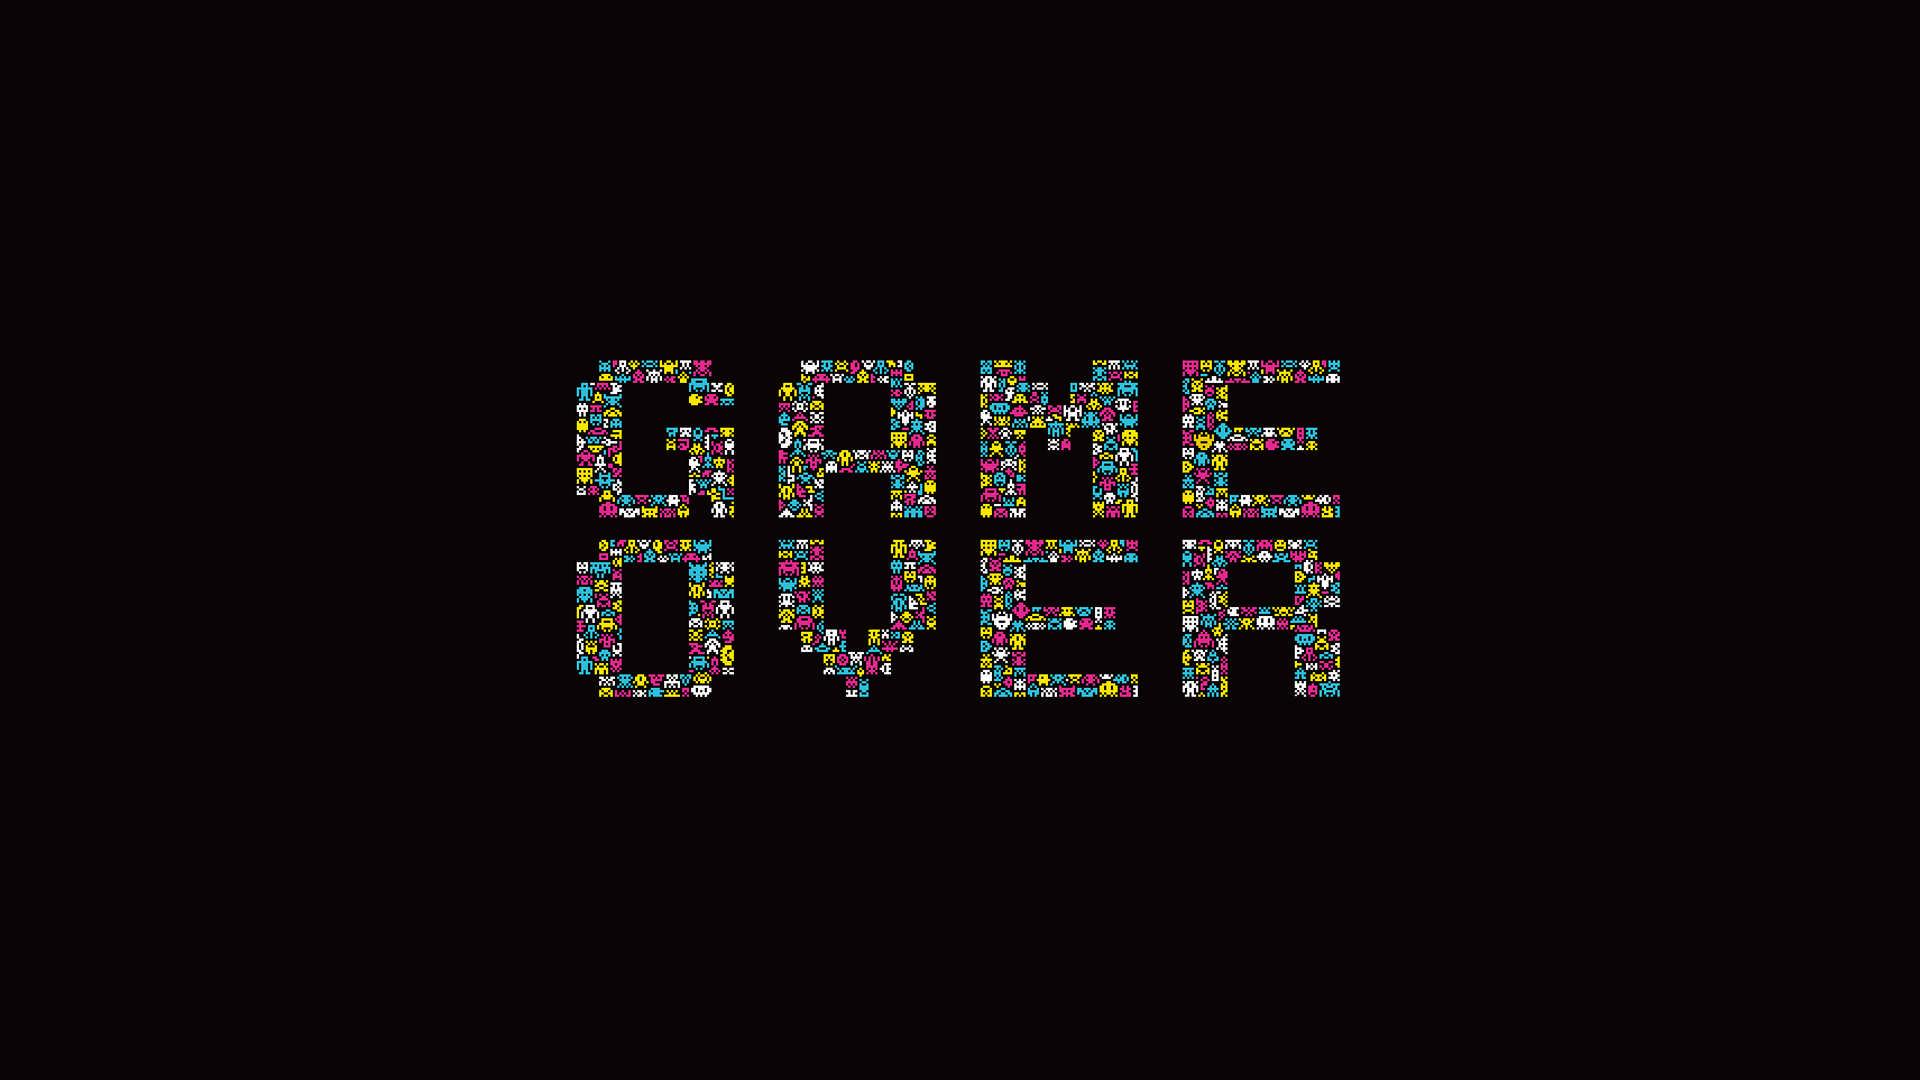 Gamer wallpaper 1920x1080 52346 1920x1080